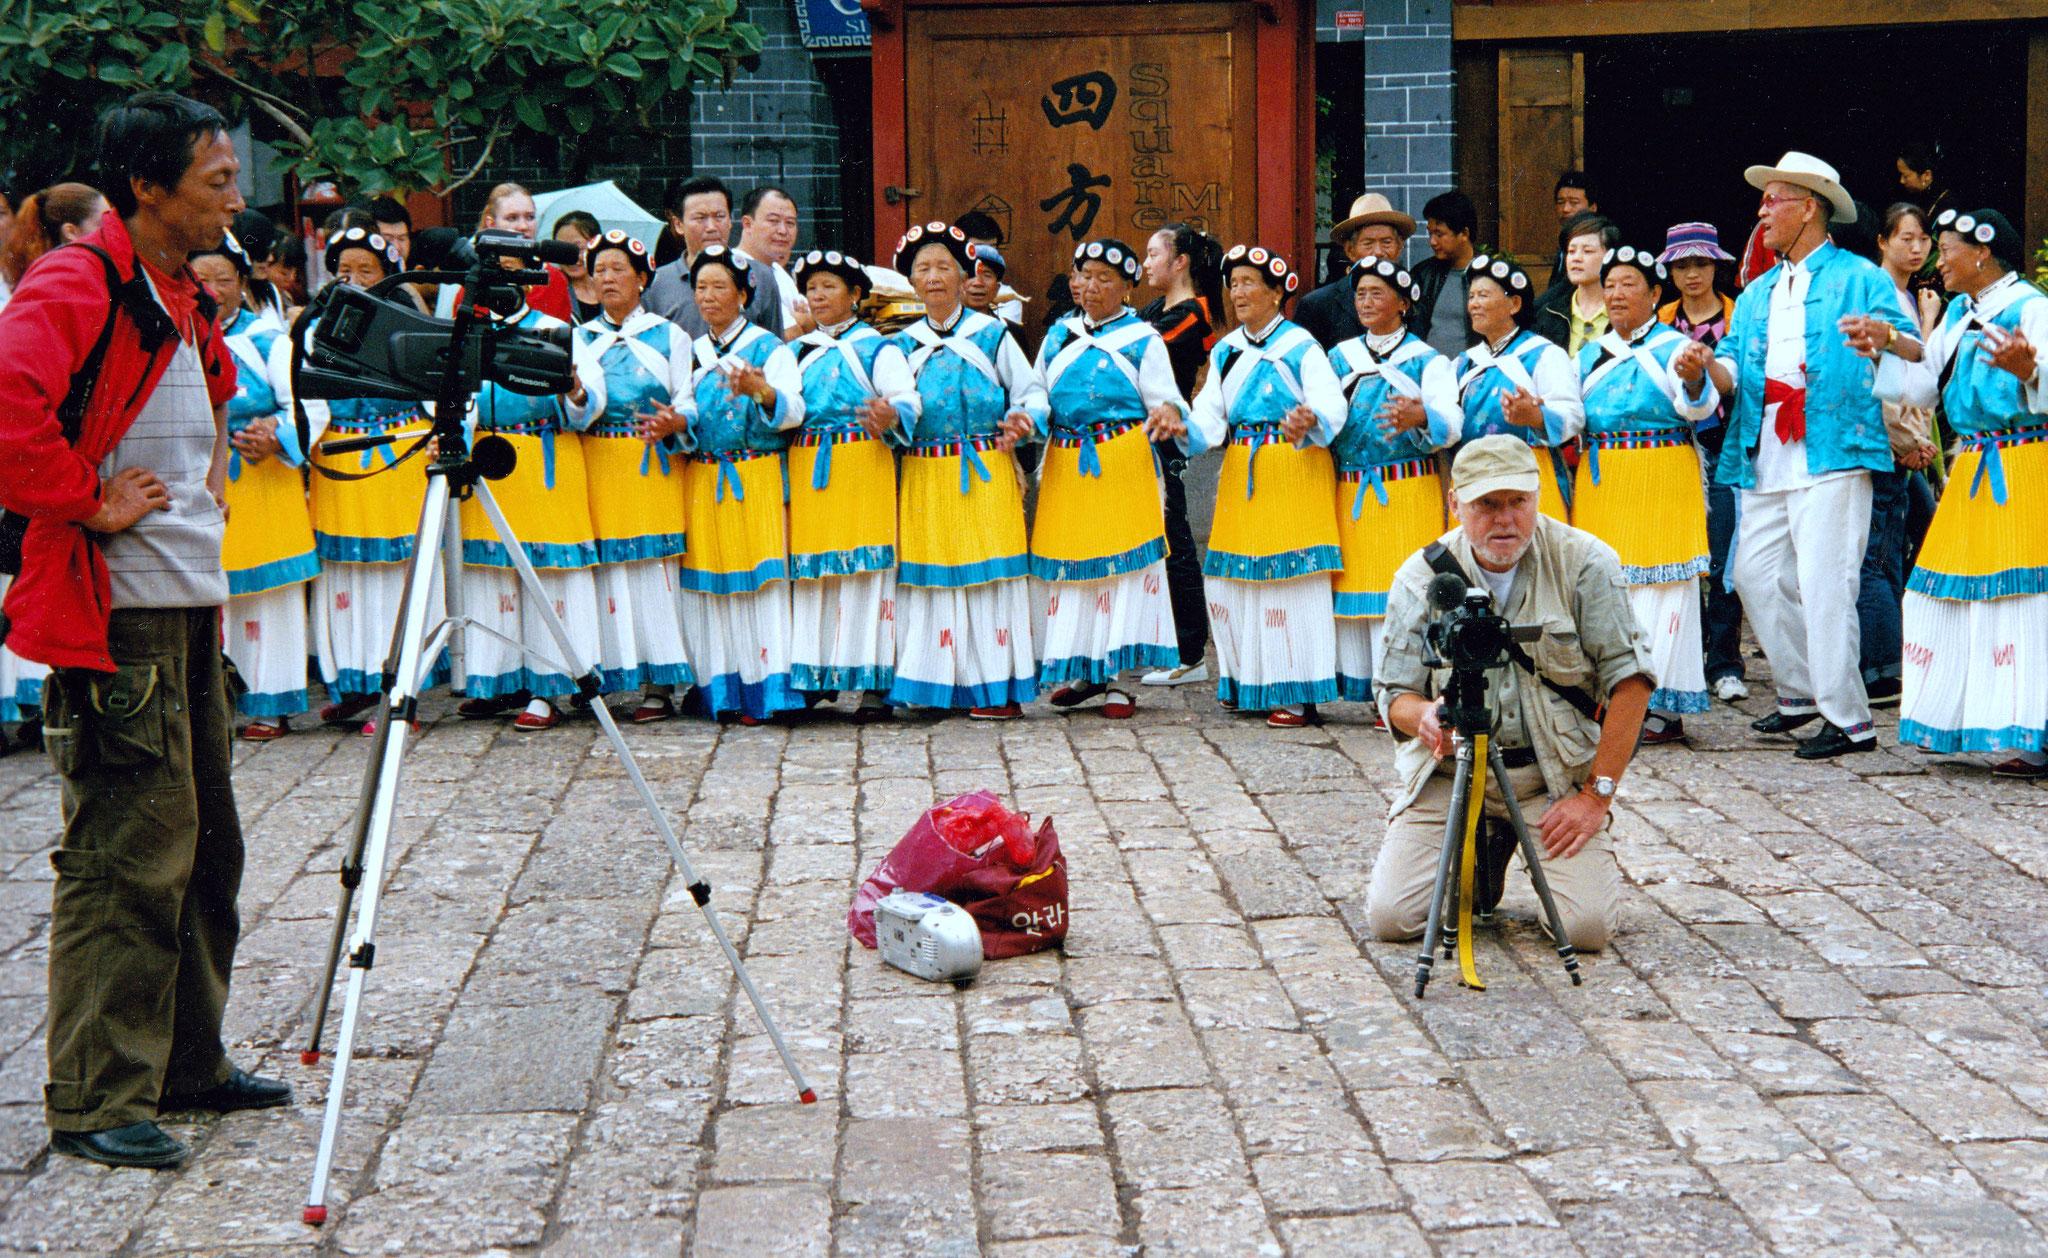 Mittendrin bei den Naxis in Lijiang